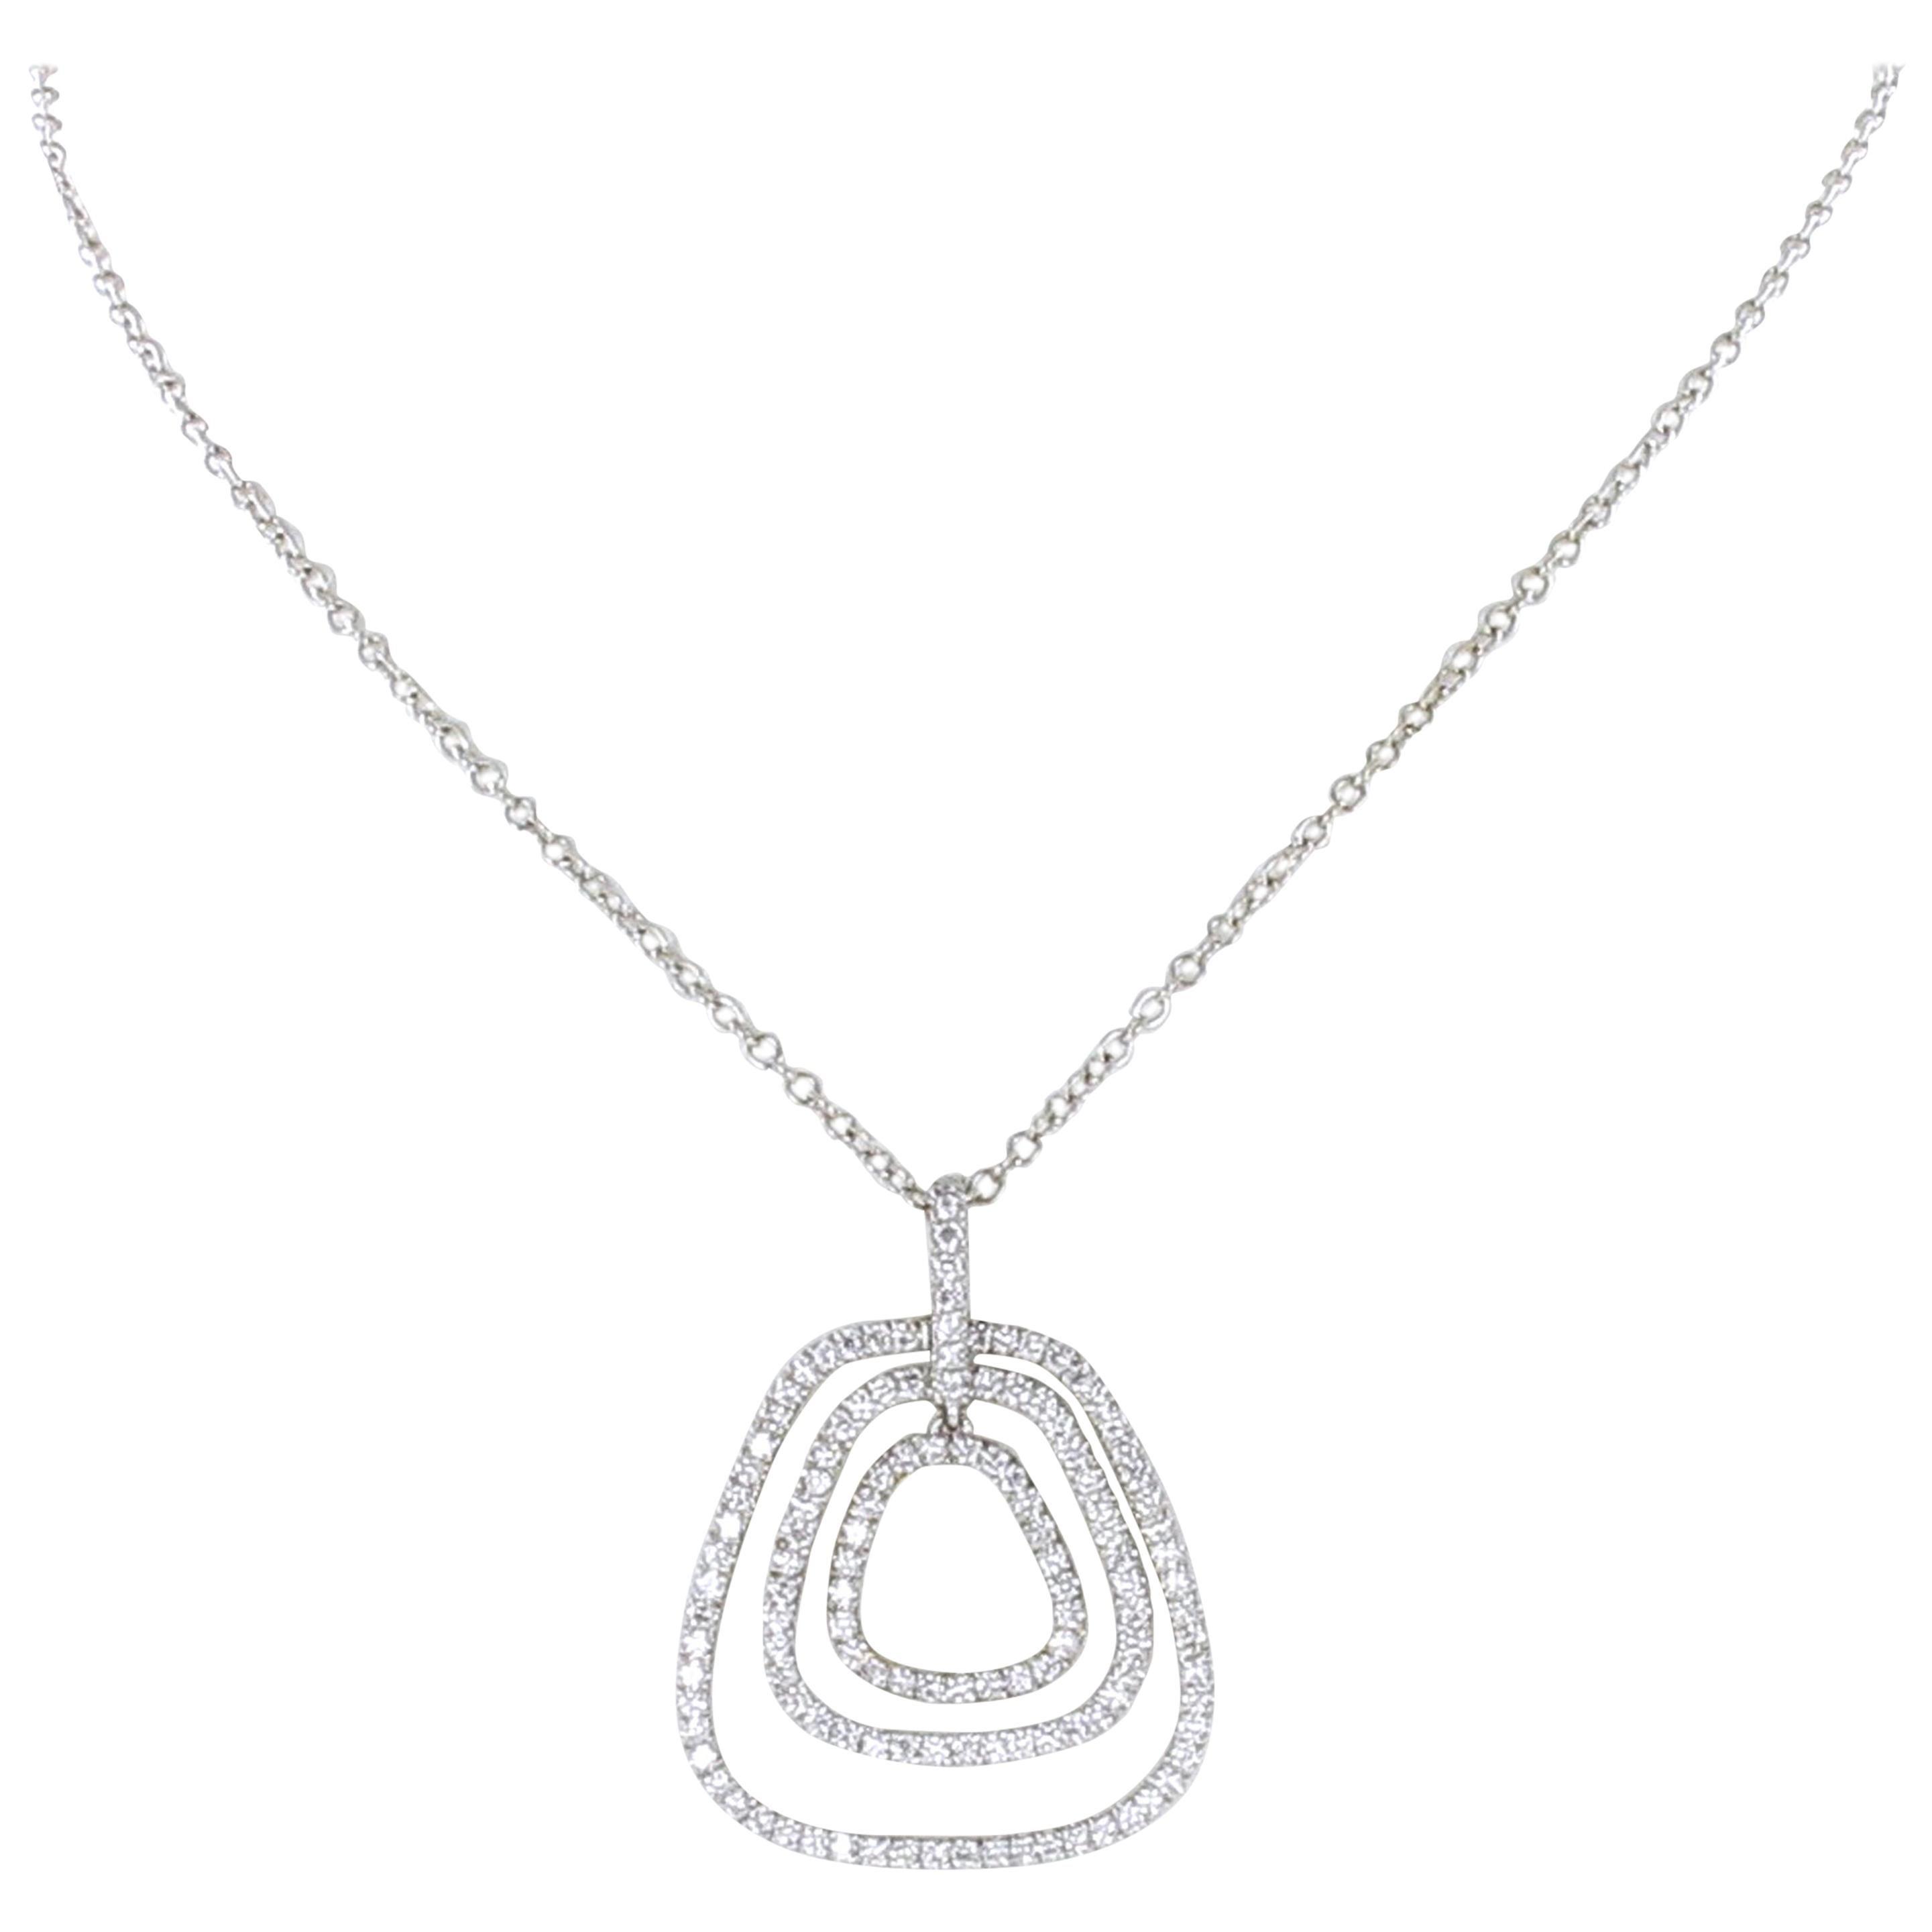 Delicate Diamond Pendant in Platinum